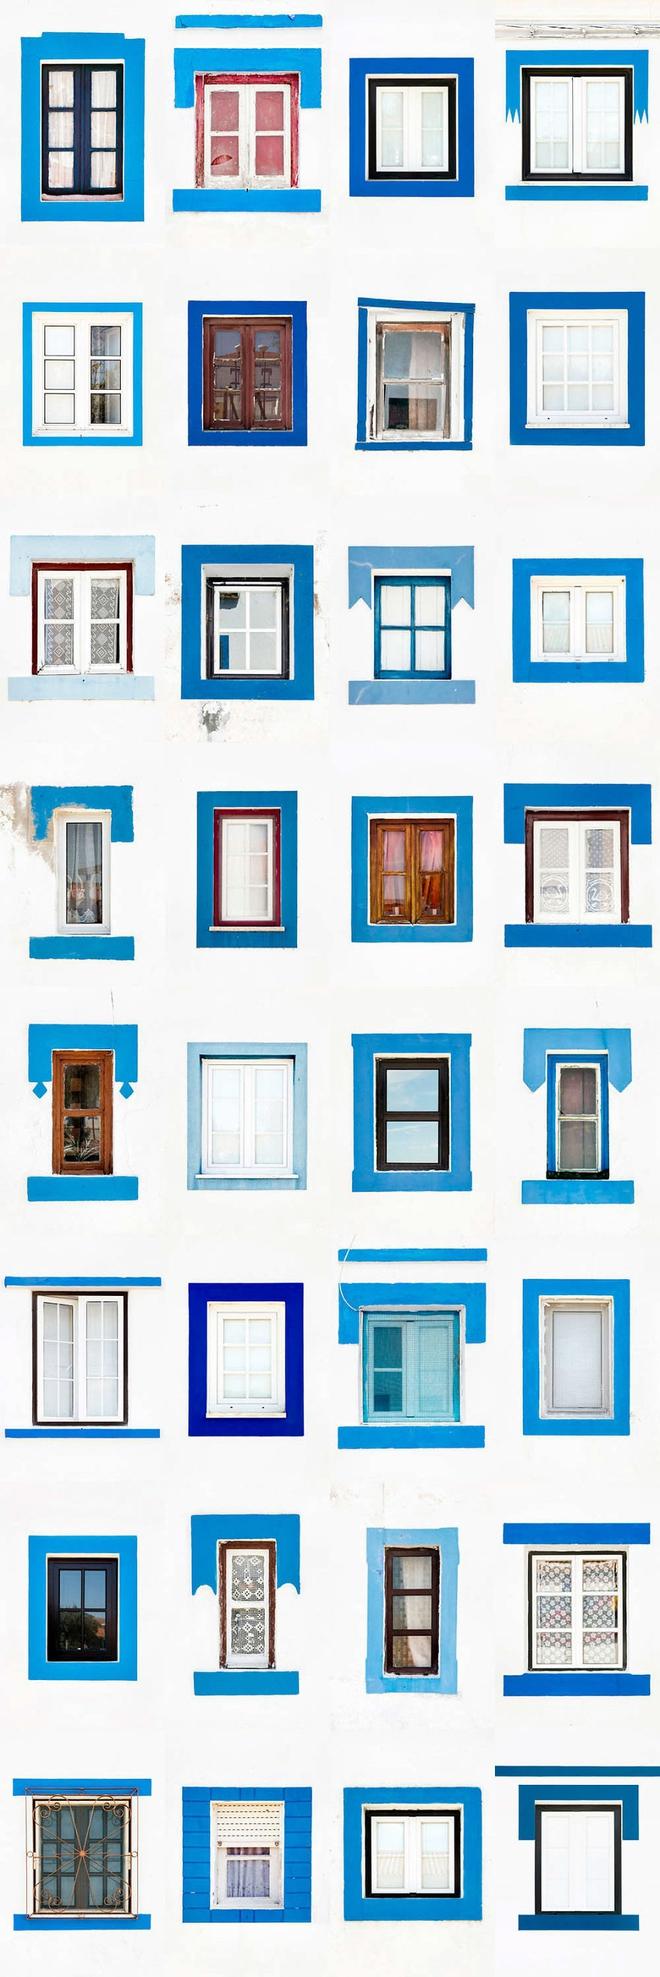 Mãn nhãn với 14 phong cách thiết kế cửa sổ ấn tượng ở Bồ Đào Nha - Ảnh 6.